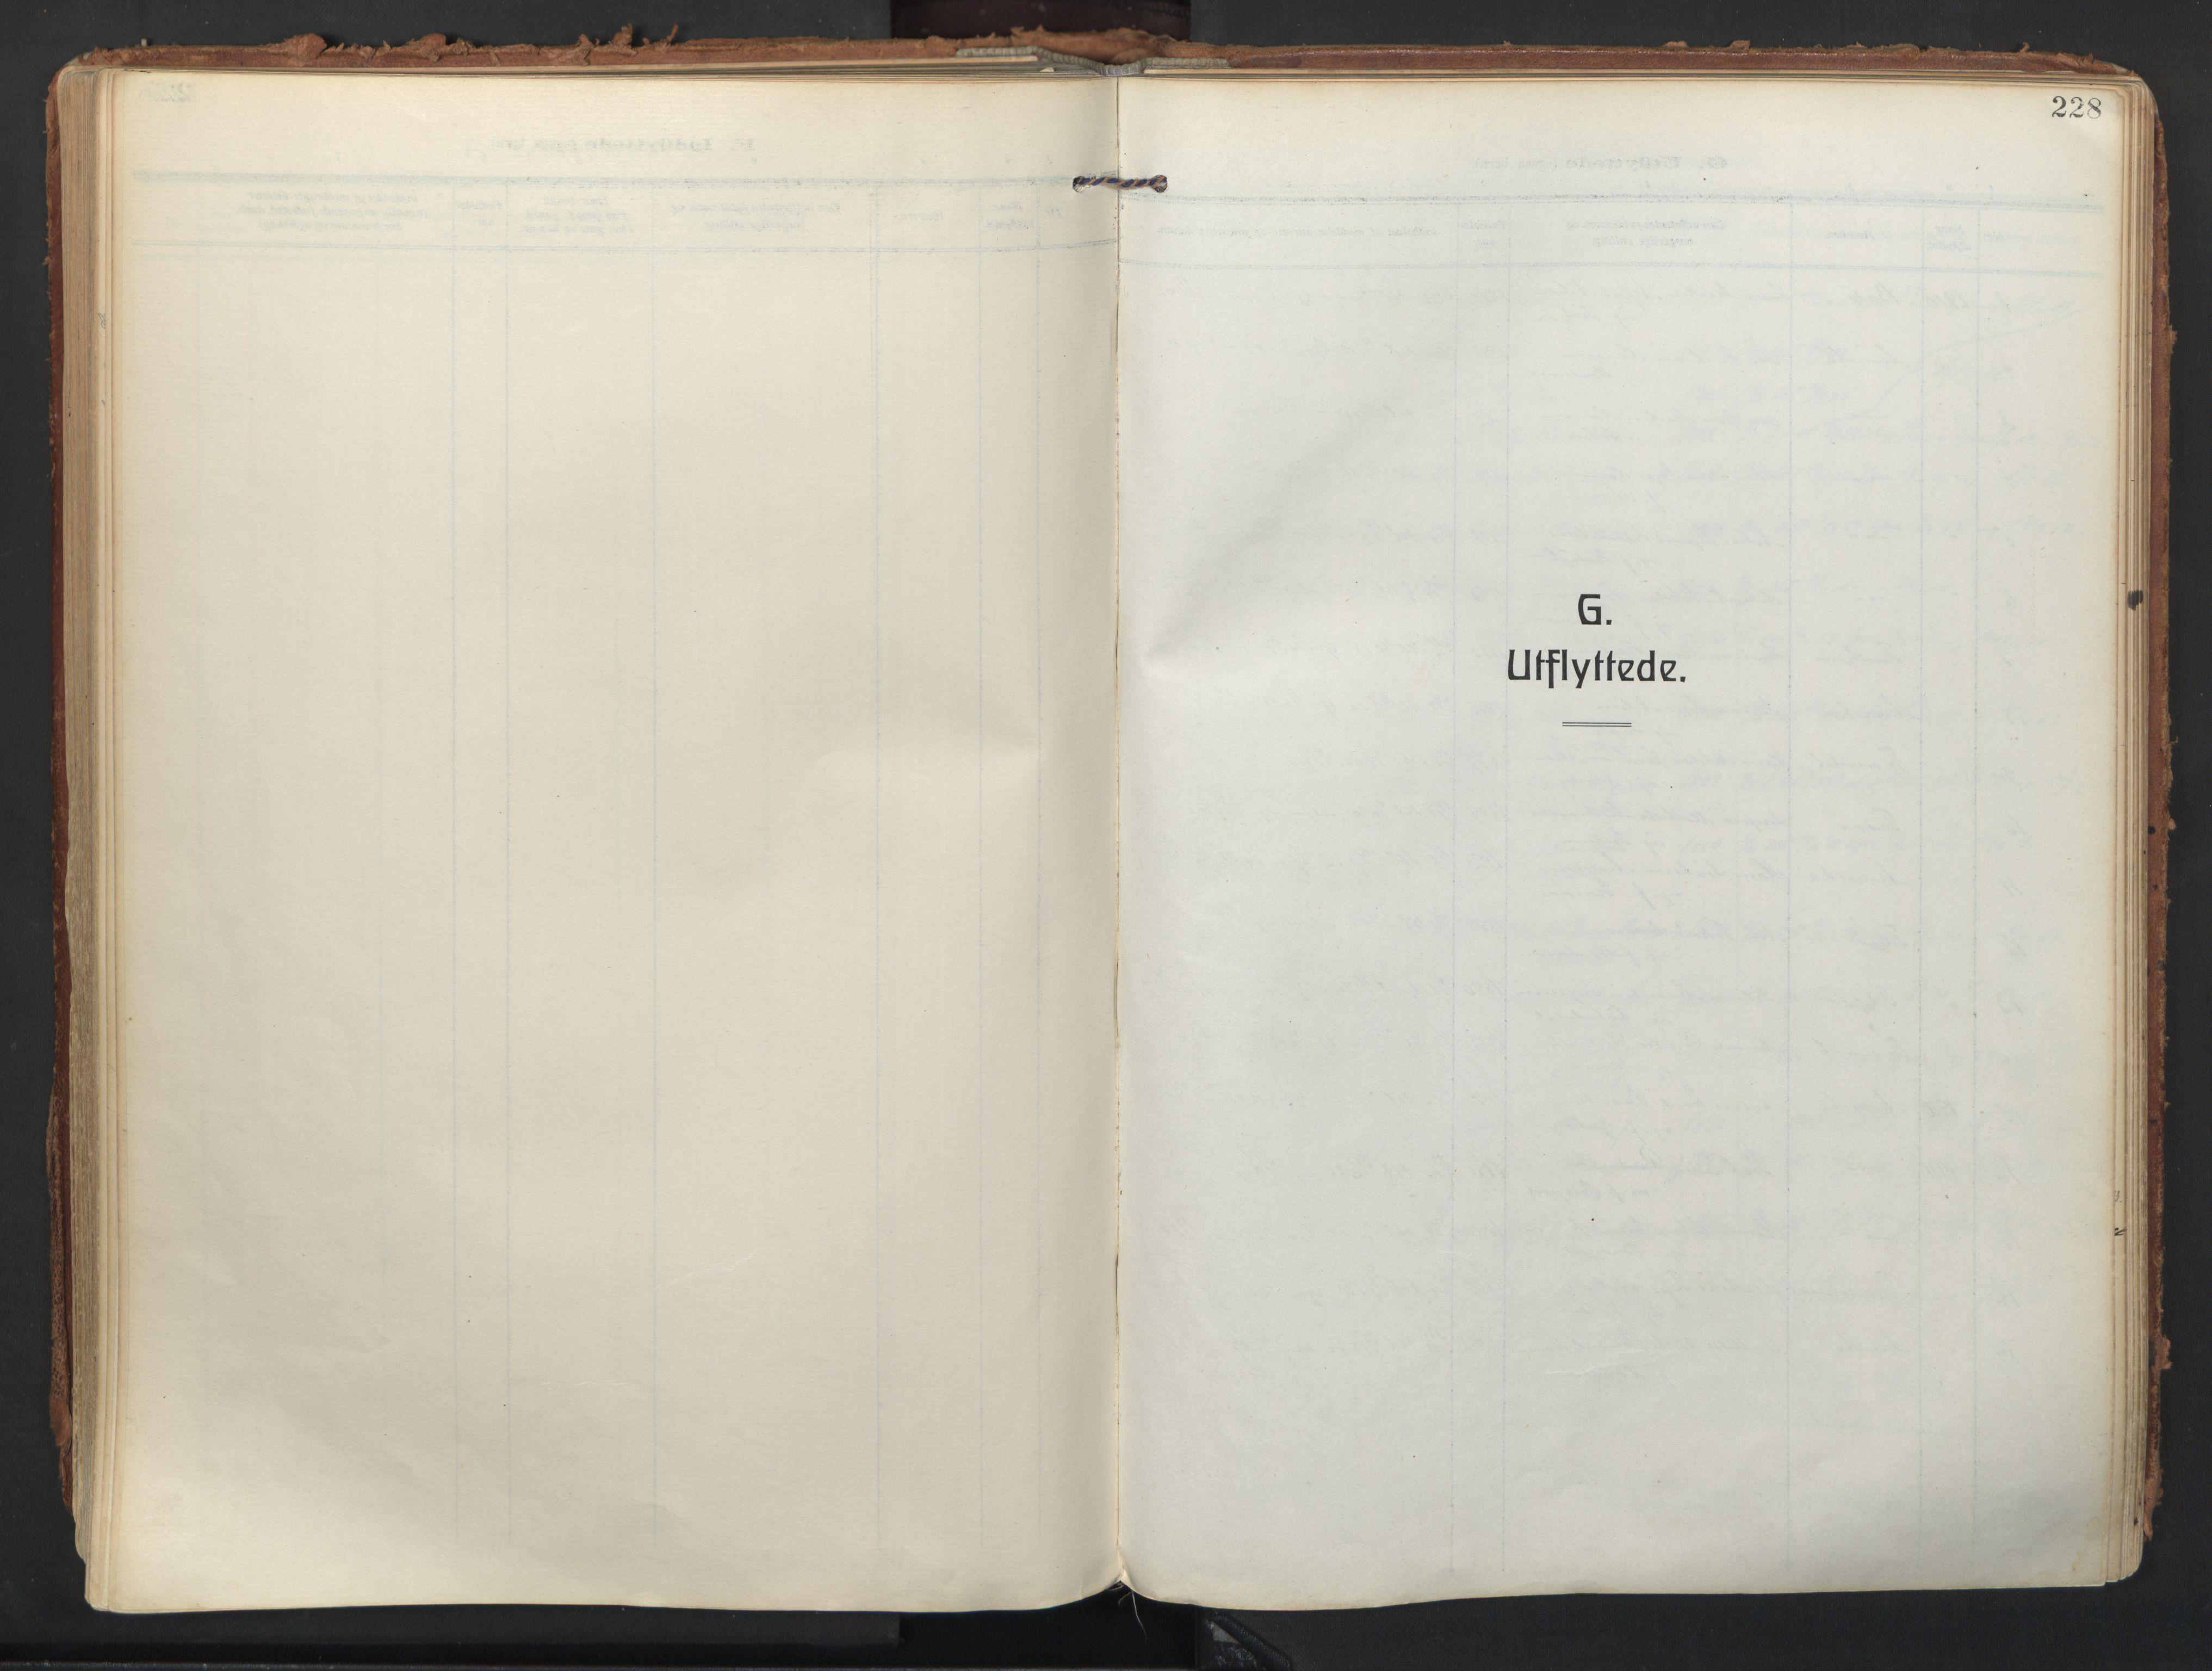 SATØ, Balsfjord sokneprestembete, Ministerialbok nr. 9, 1909-1921, s. 228